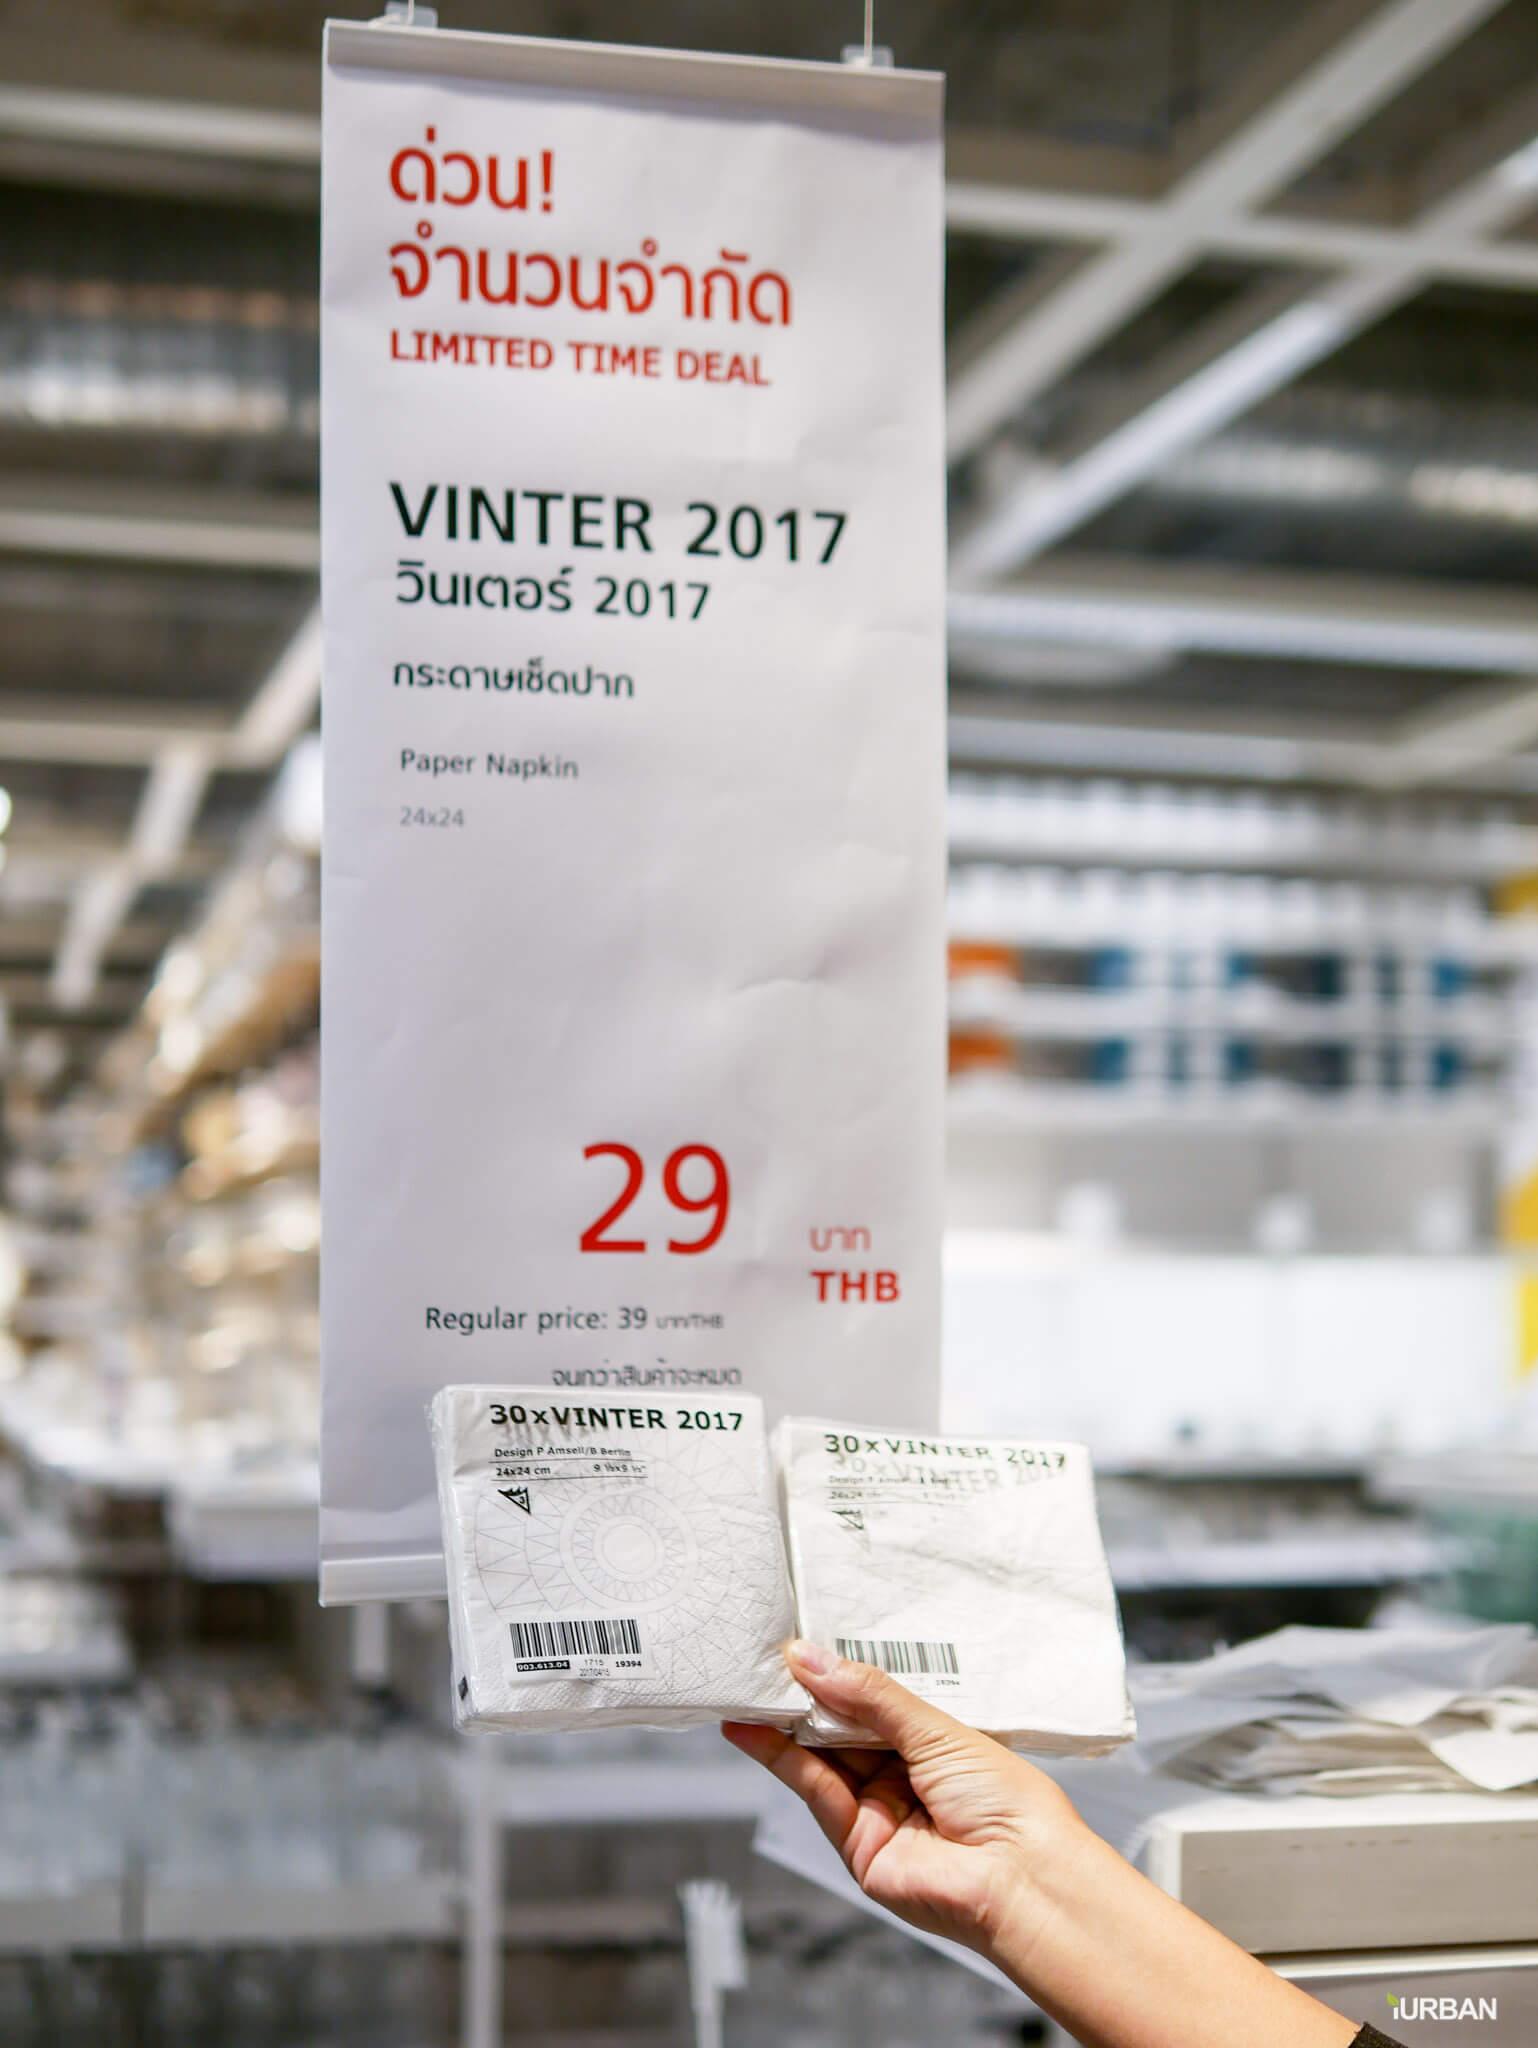 มันเยอะมากกกก!! IKEA Year End SALE 2017 รวมของเซลในอิเกีย ลดเยอะ ลดแหลก รีบพุ่งตัวไป วันนี้ - 7 มกราคม 61 133 - IKEA (อิเกีย)